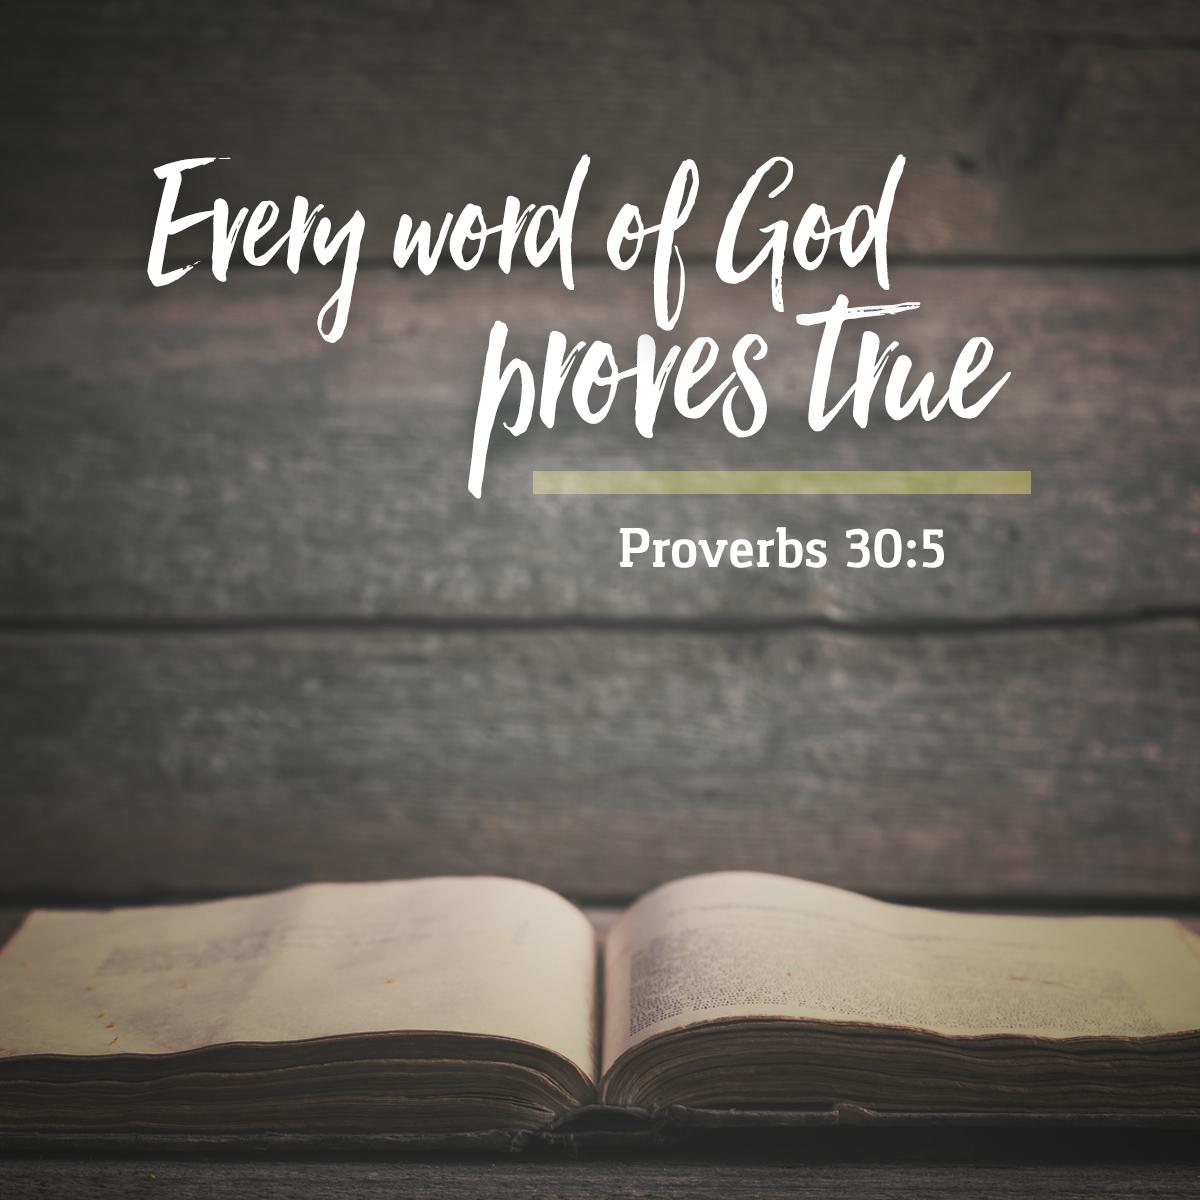 Proverbs 30:5 - Daily Verse